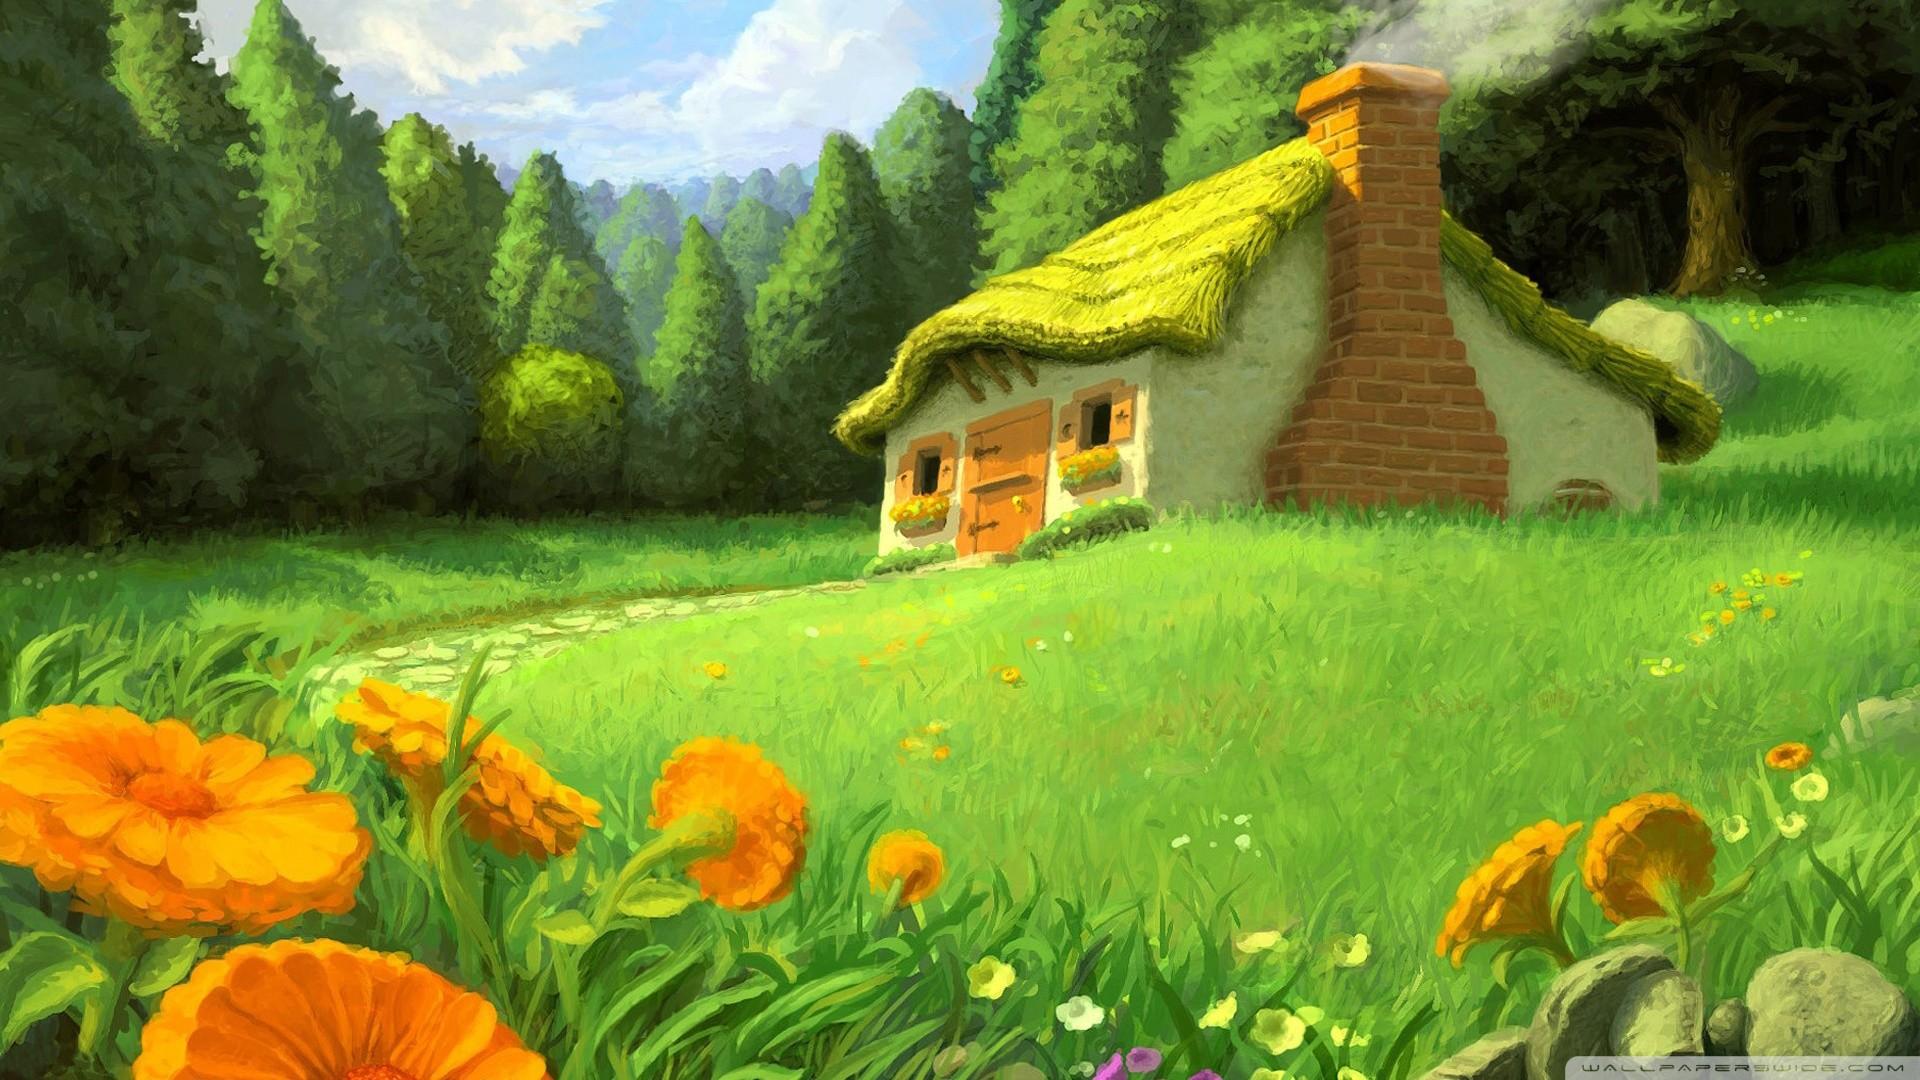 Fantasy Landscape Full HD Desktop Wallpaper.